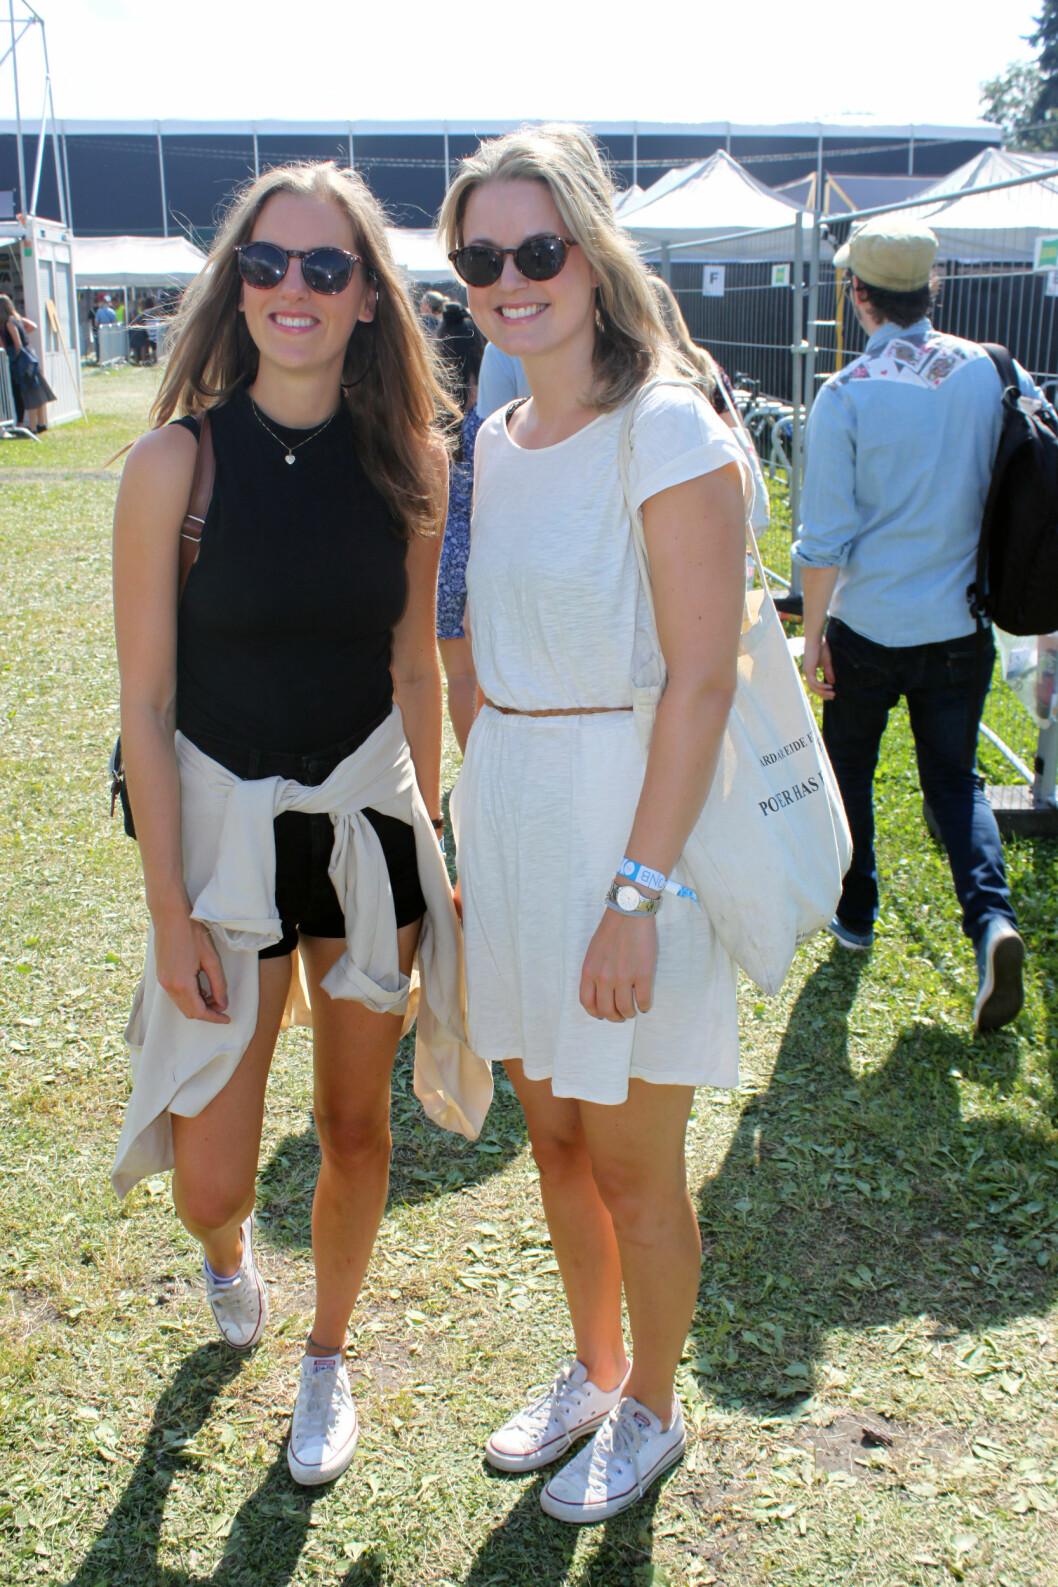 Malin og Hanne velger komfortable og kule klær. Mens Malin går for bare shorts, går Hanne for shortstrikset hun også! Foto: Cecilie Leganger